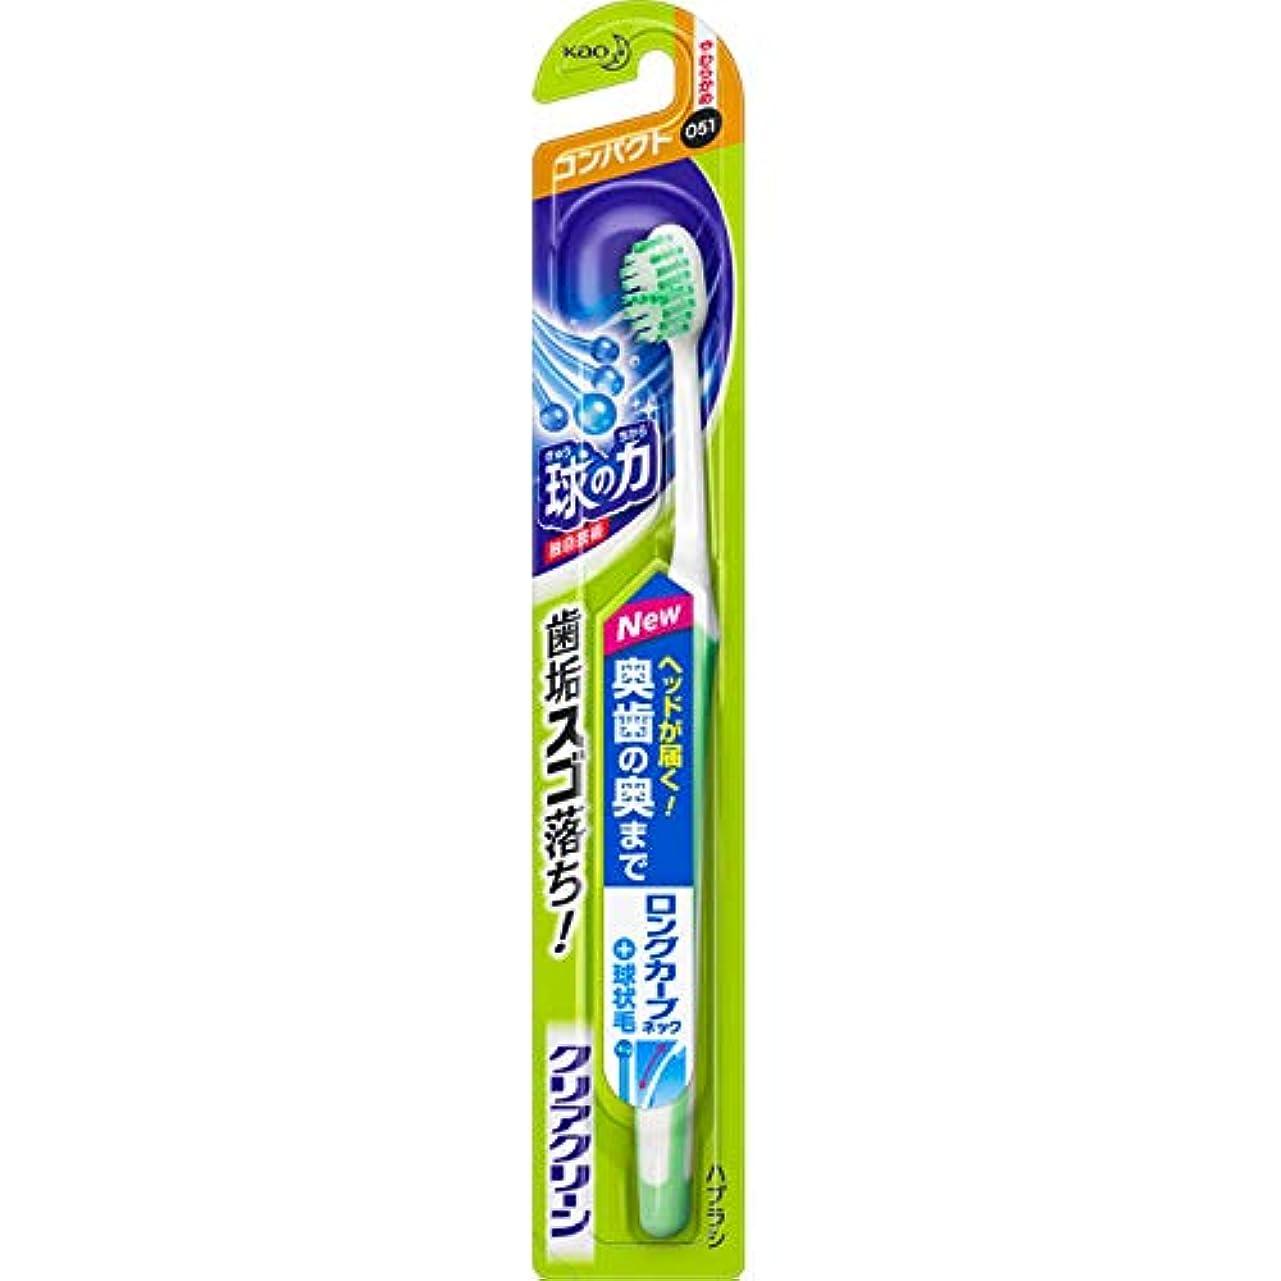 歯痛バック付ける花王 クリアクリーン ハブラシ 奥歯プラス コンパクト やわらかめ 1本